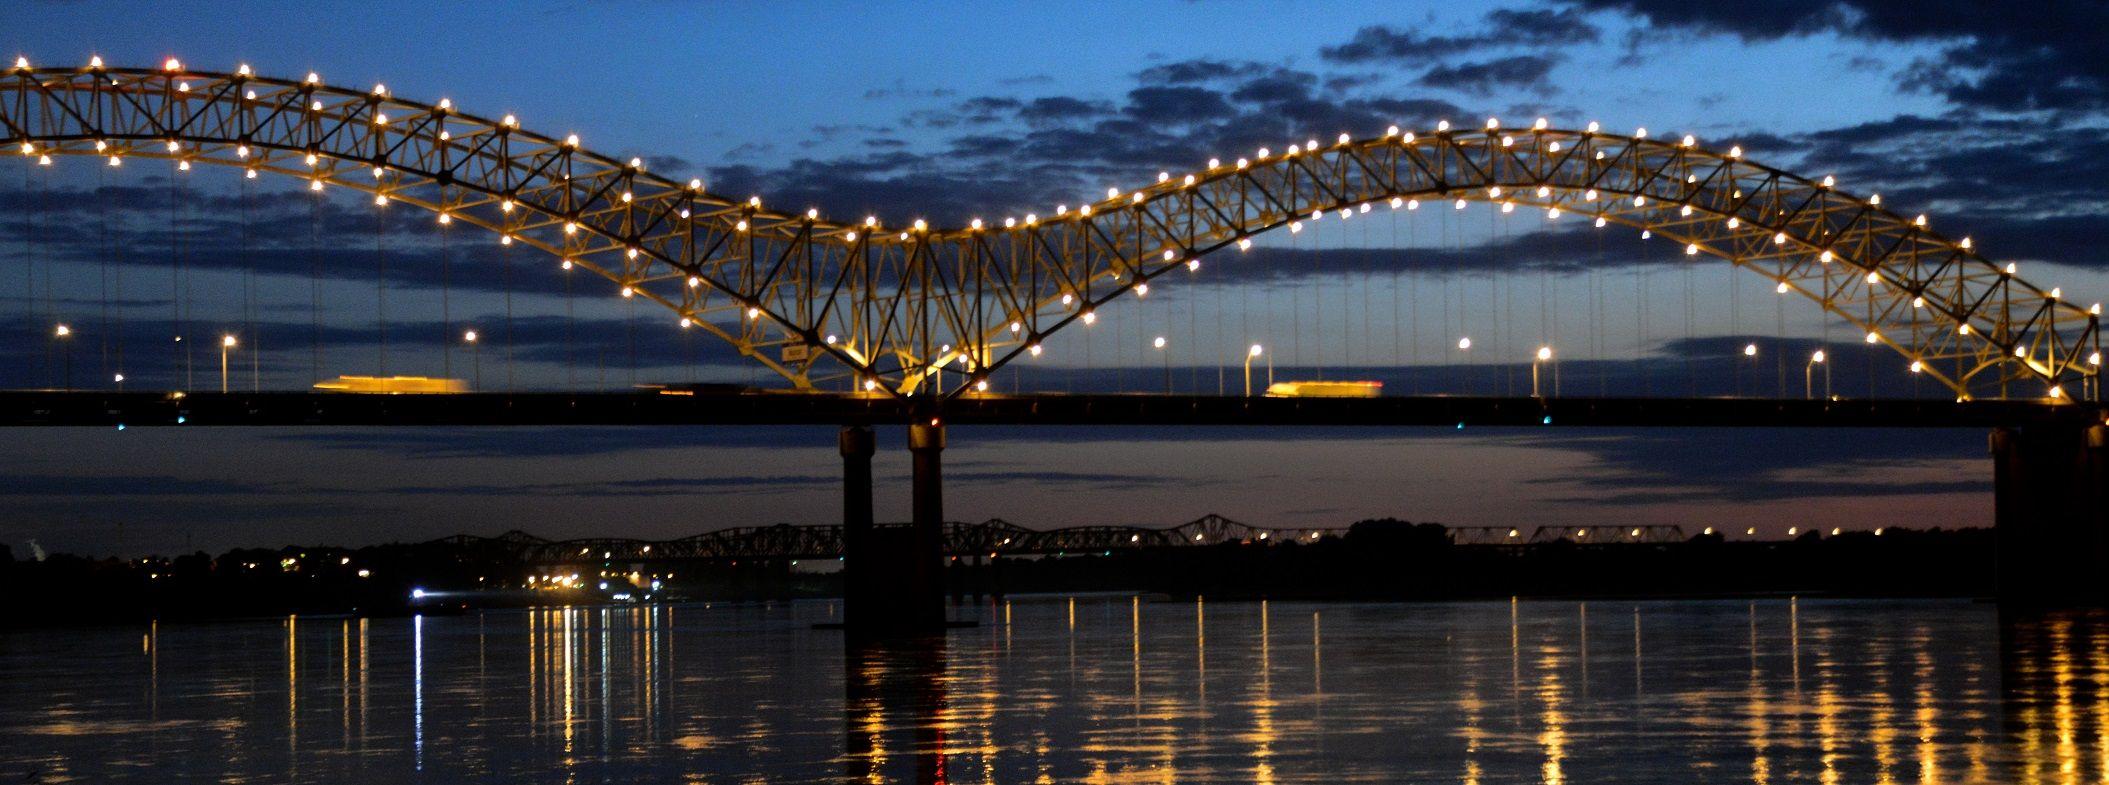 Memphis Homepage Image1.jpg